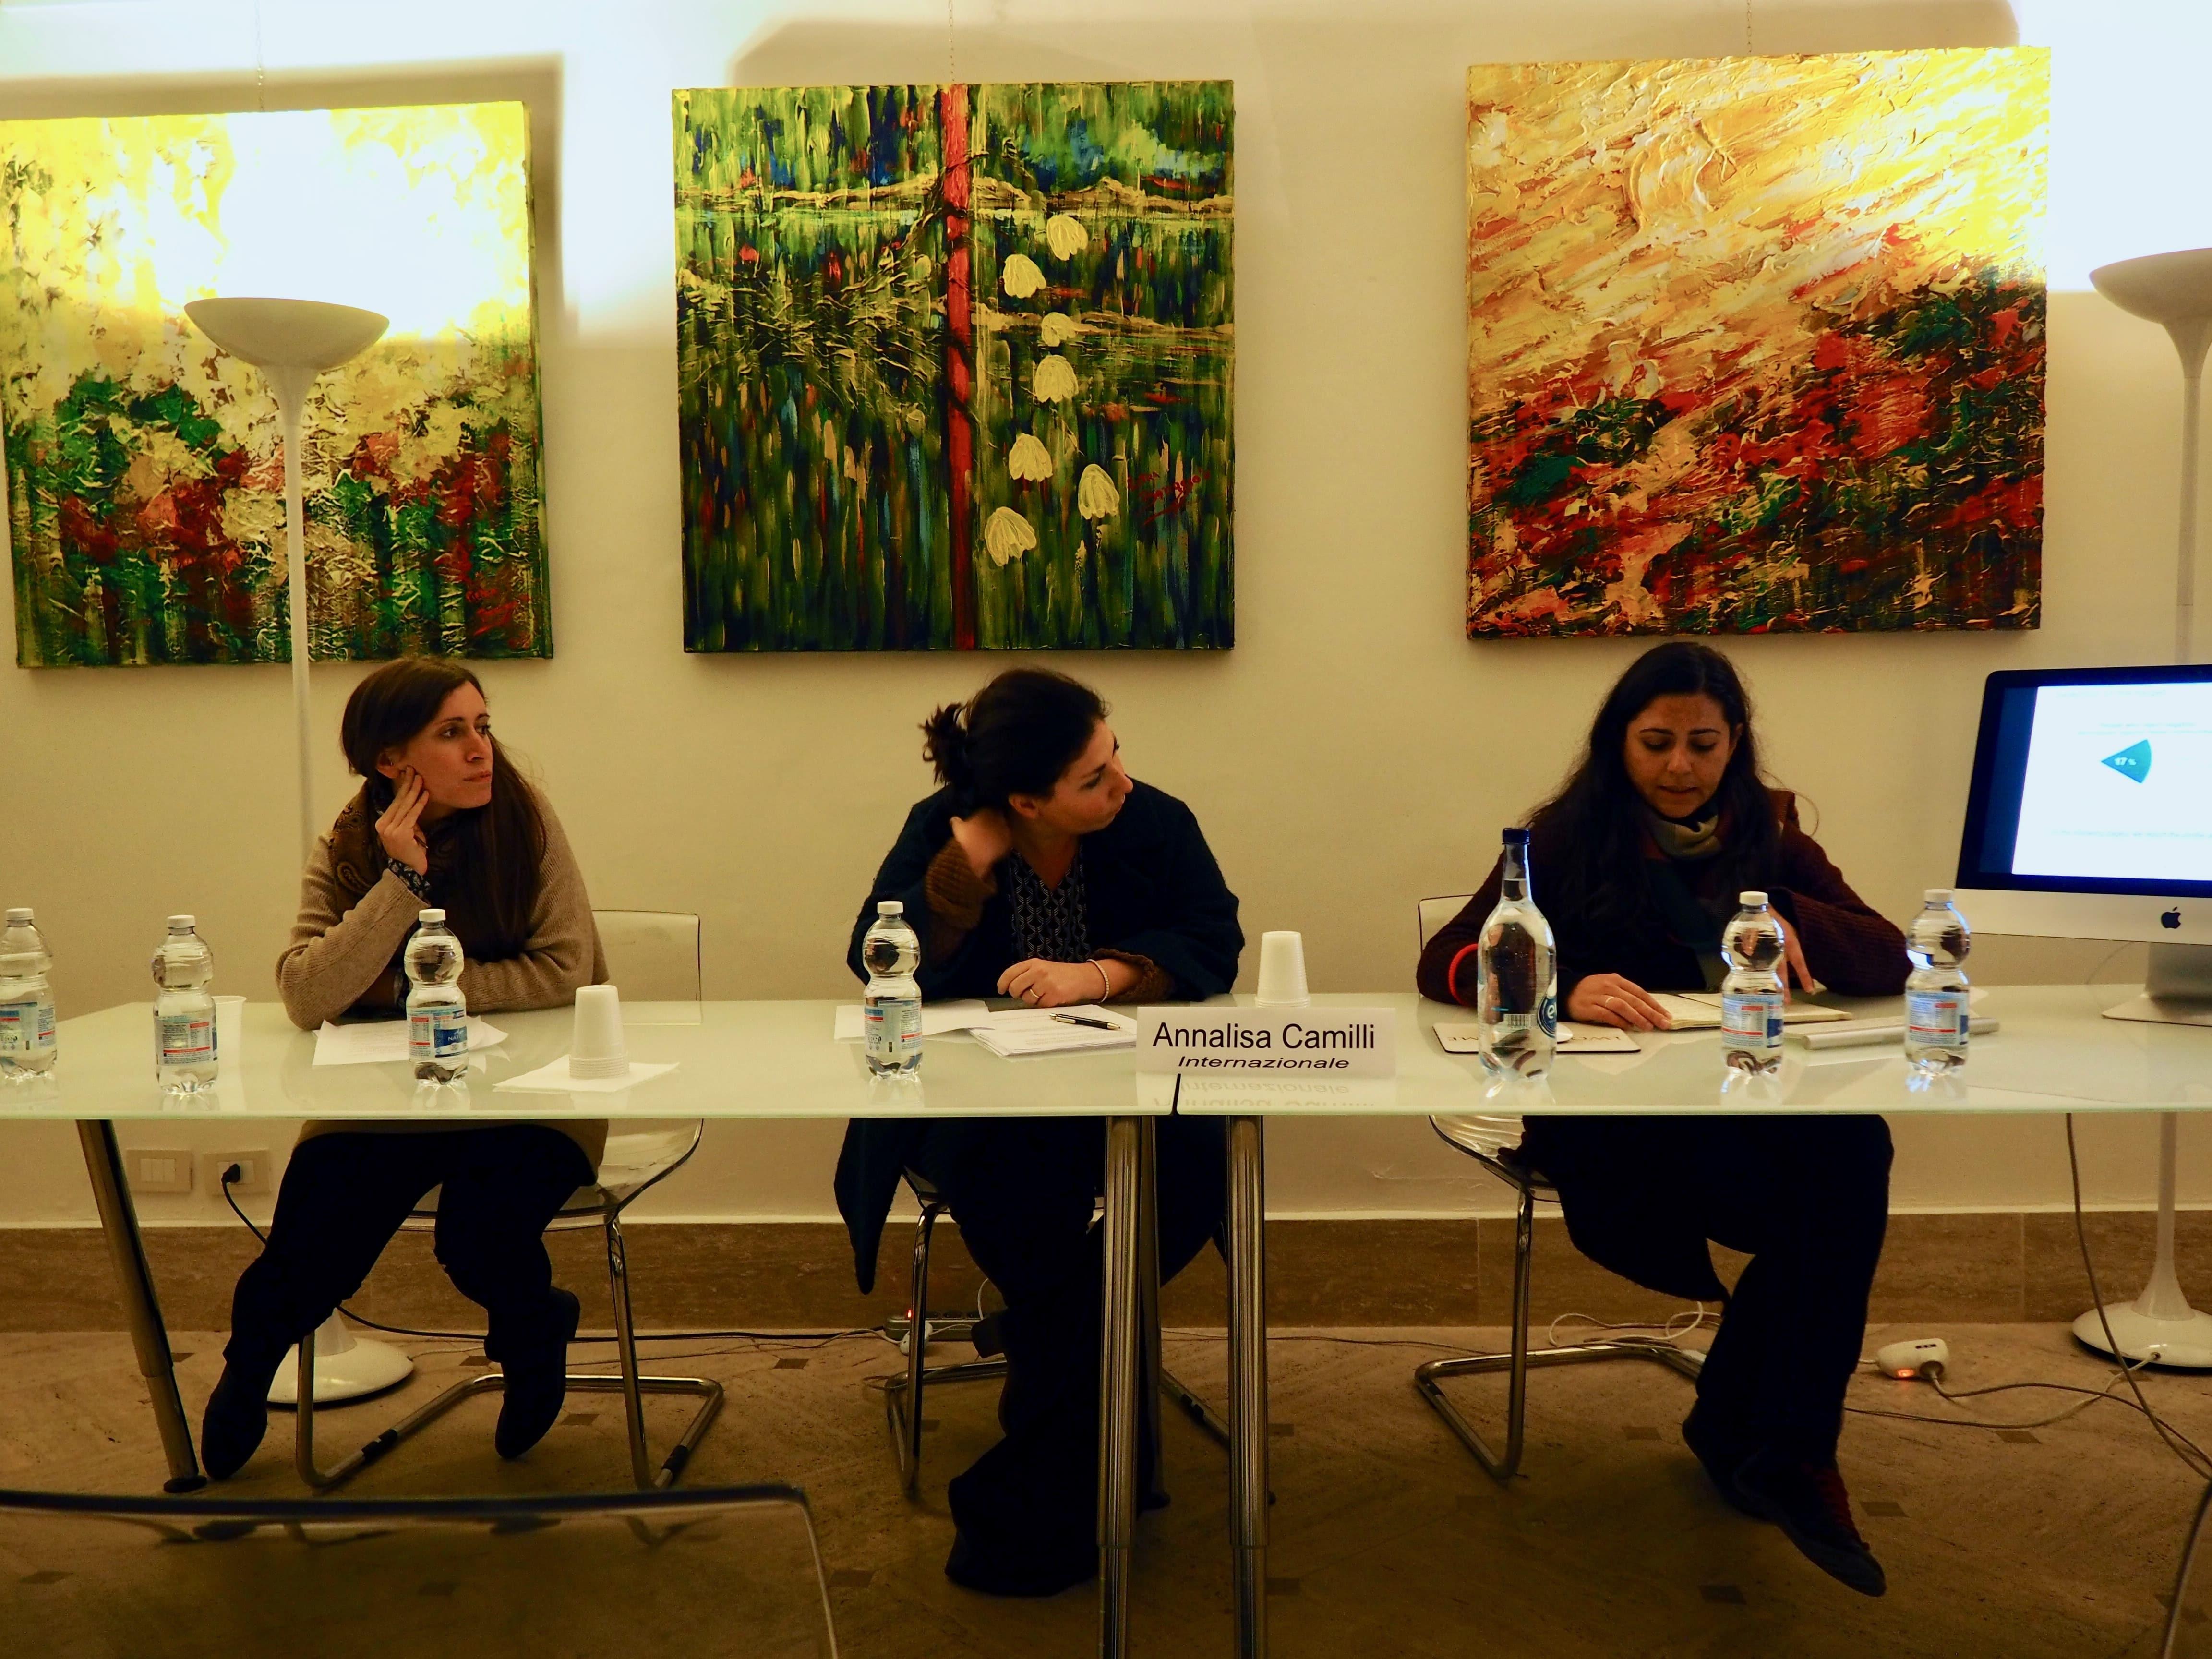 Rom, tra integrazione e stereotipi, cosa ne pensano i cittadini italiani